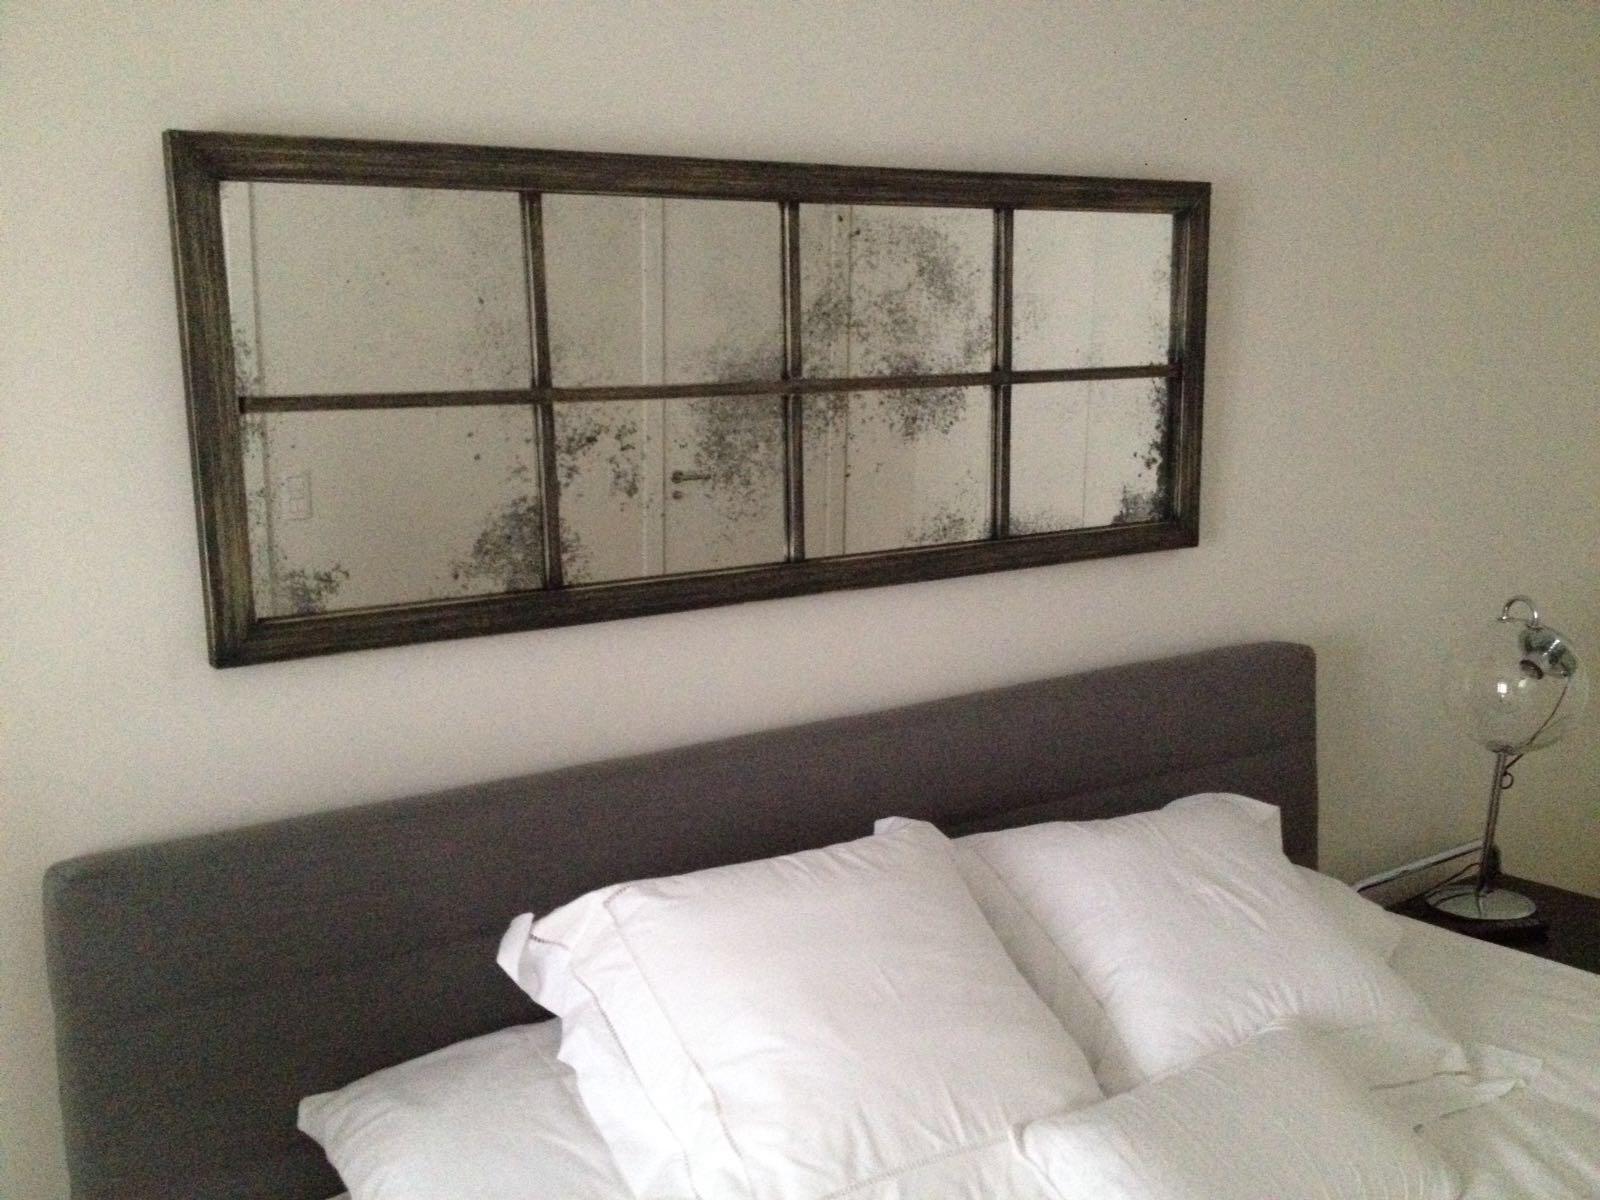 Kino marcos molduras marcos para cuadros enmarcacion for Espejo grande pared precio